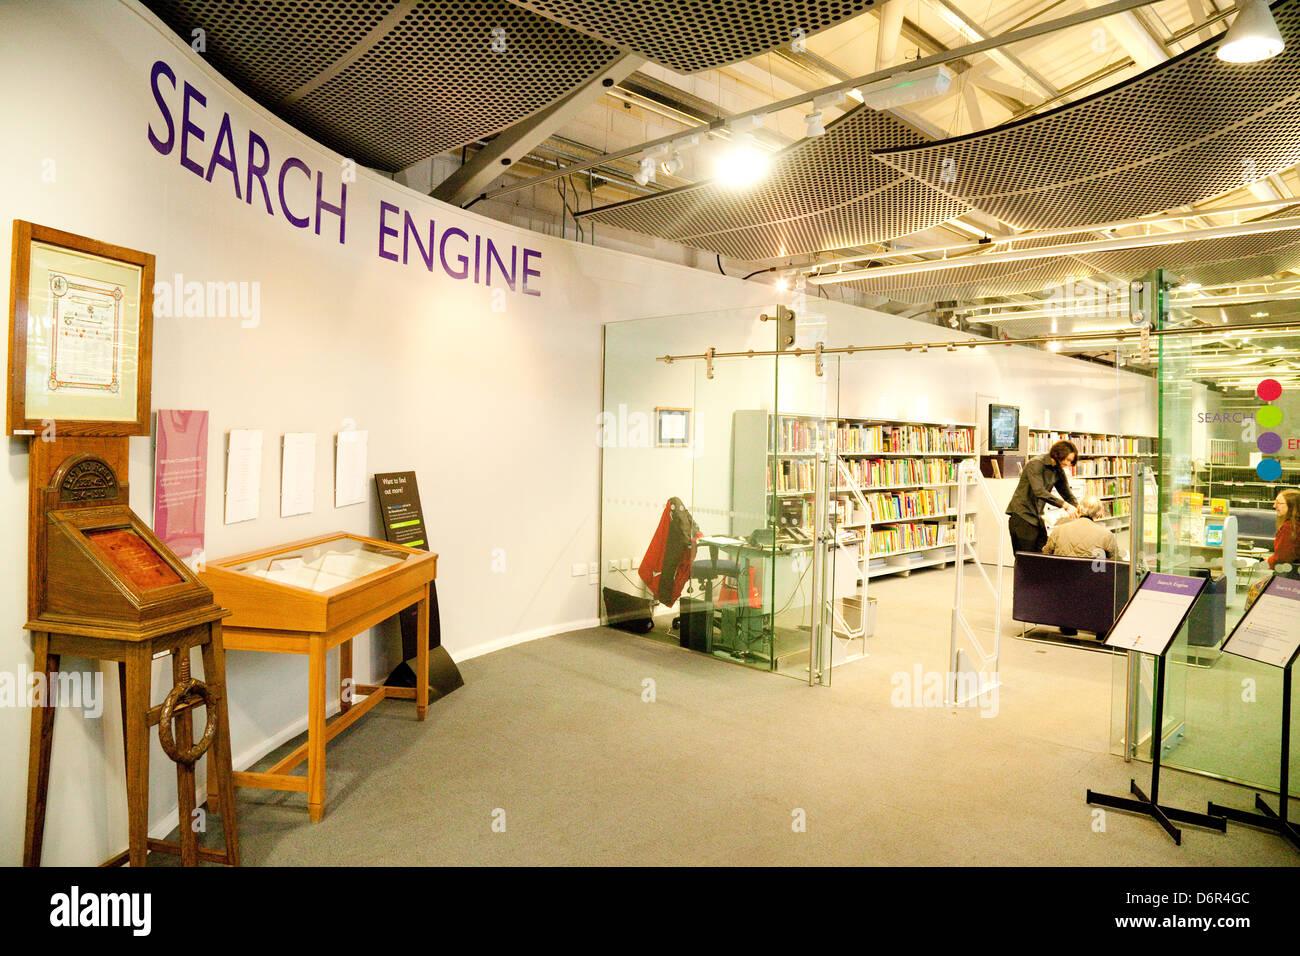 """Die Bibliothek, """"The Search Engine"""", für Studium und Lehre; Das National Railway Museum, York, UK Stockbild"""